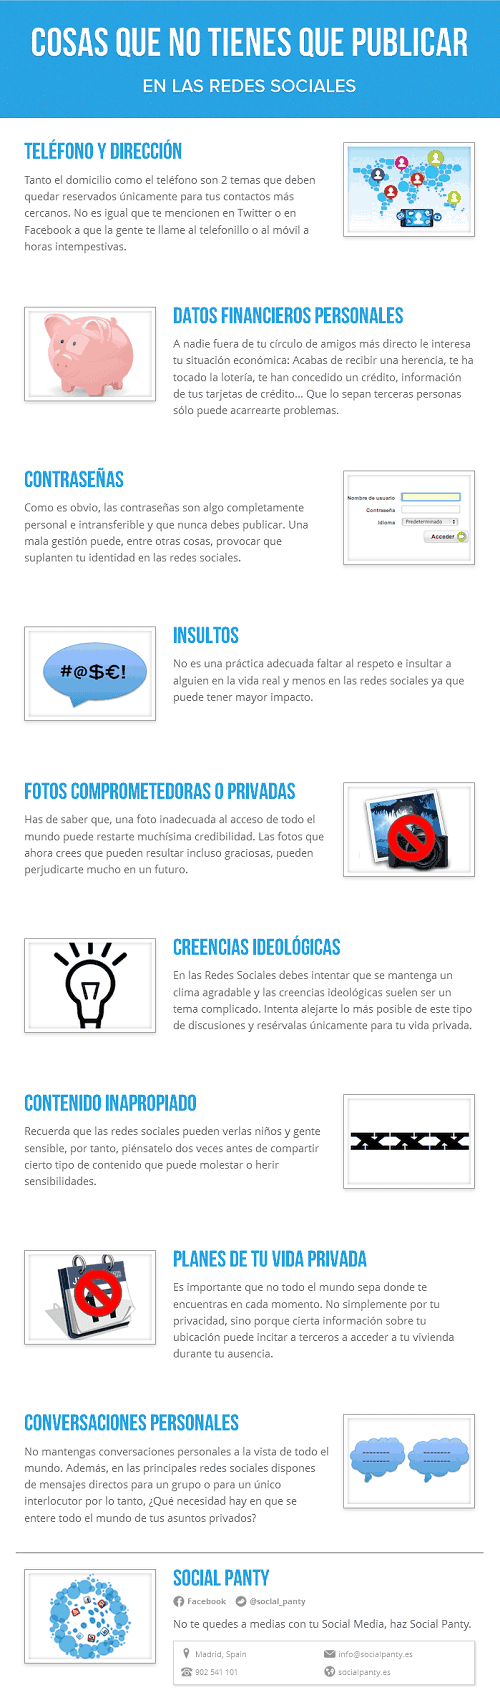 infografia_cosas_que_no_debes_publicar_en_redes_sociales